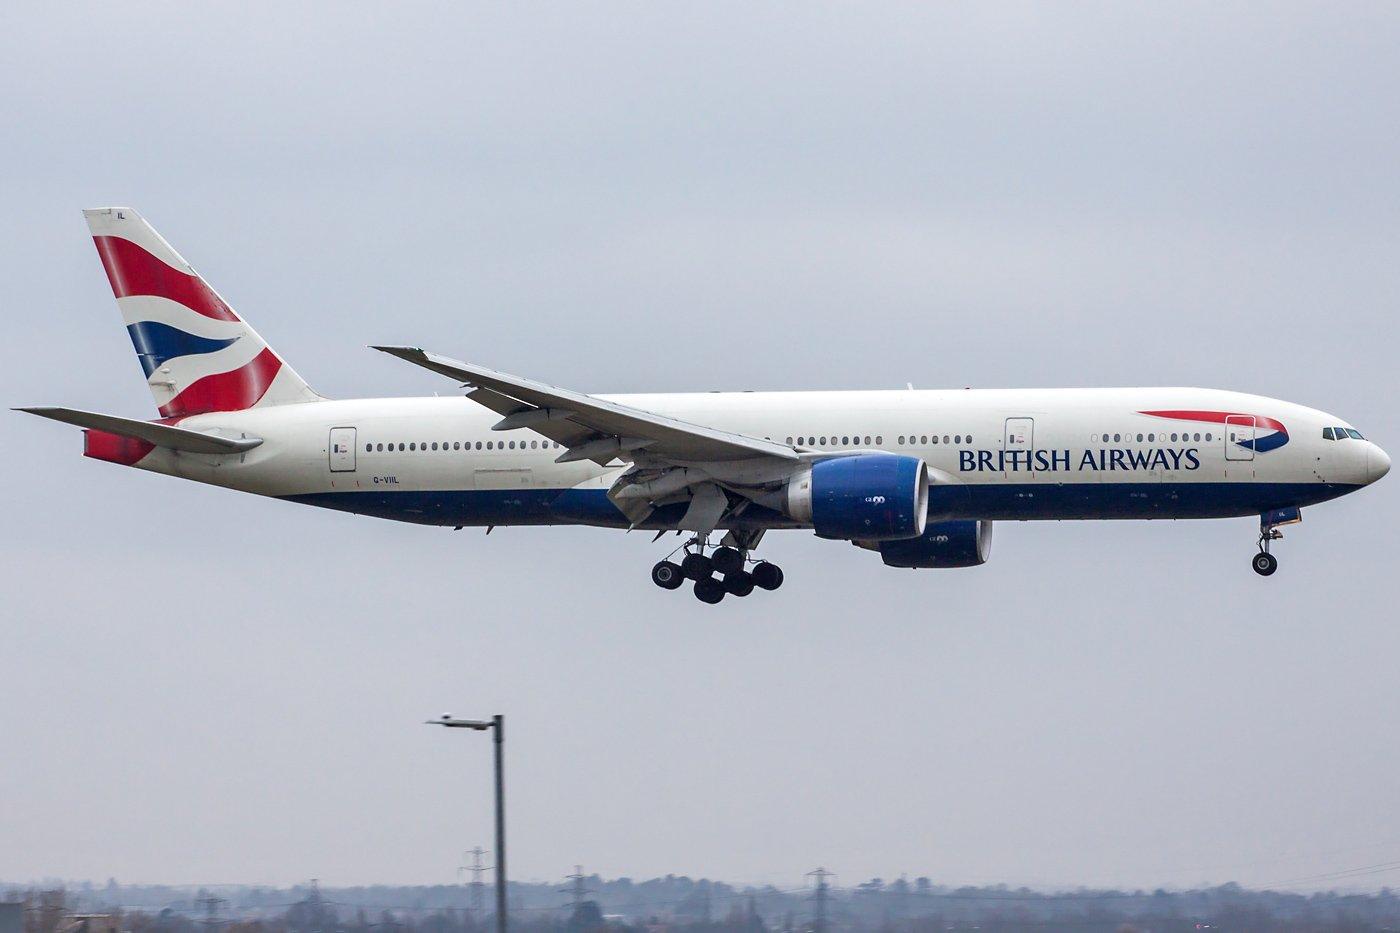 British Airways Boeing 777-236(ER) G-VIIL